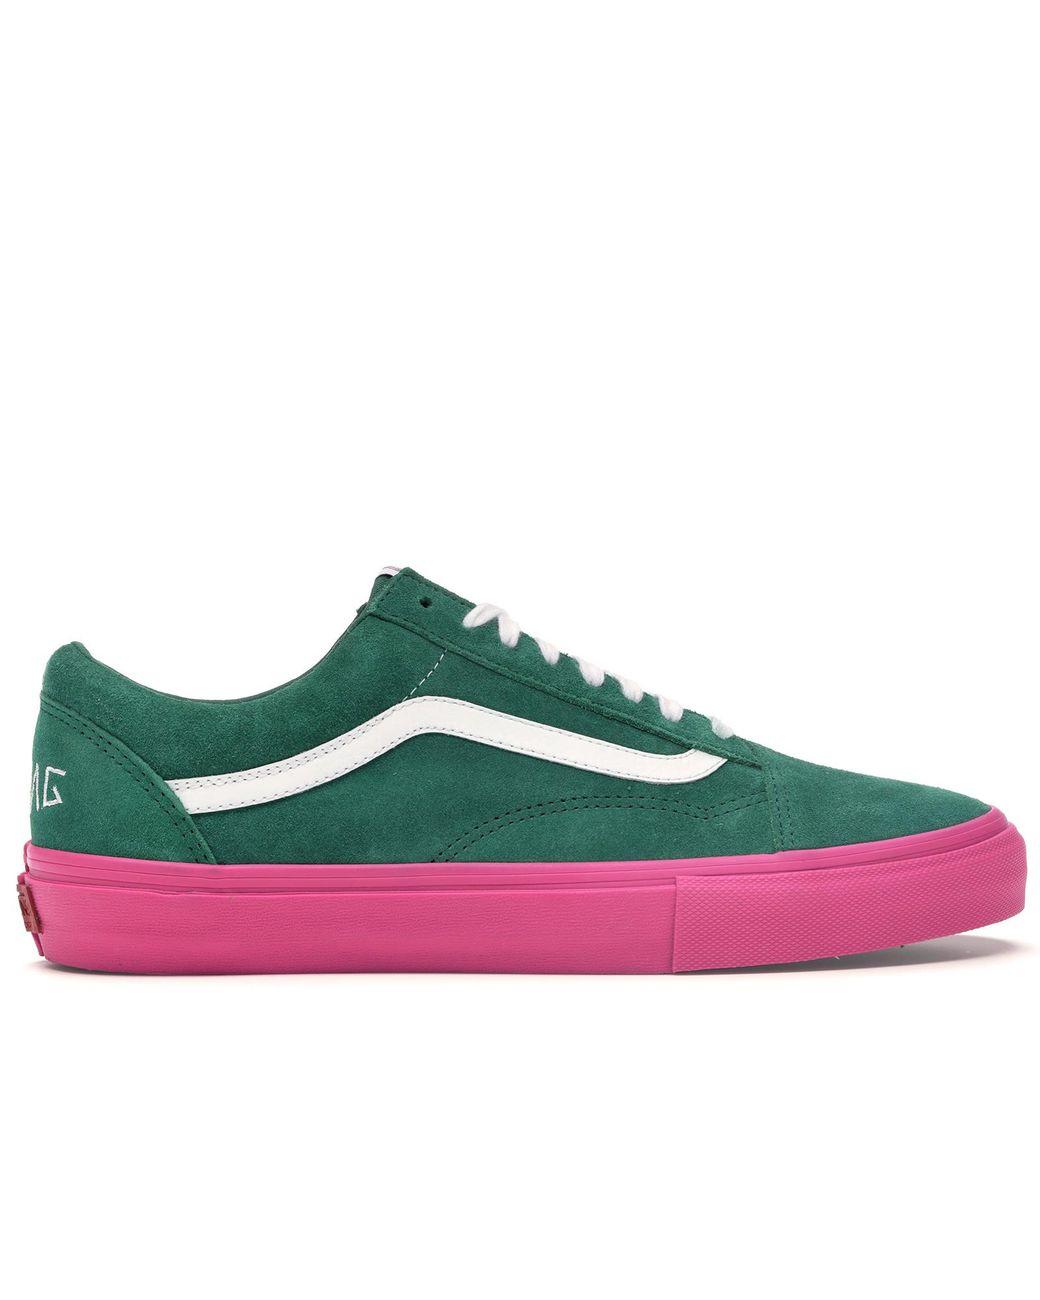 9bf8d05af30839 Lyst - Vans Old Skool Pro S Golf Wang Green Pink in Green for Men